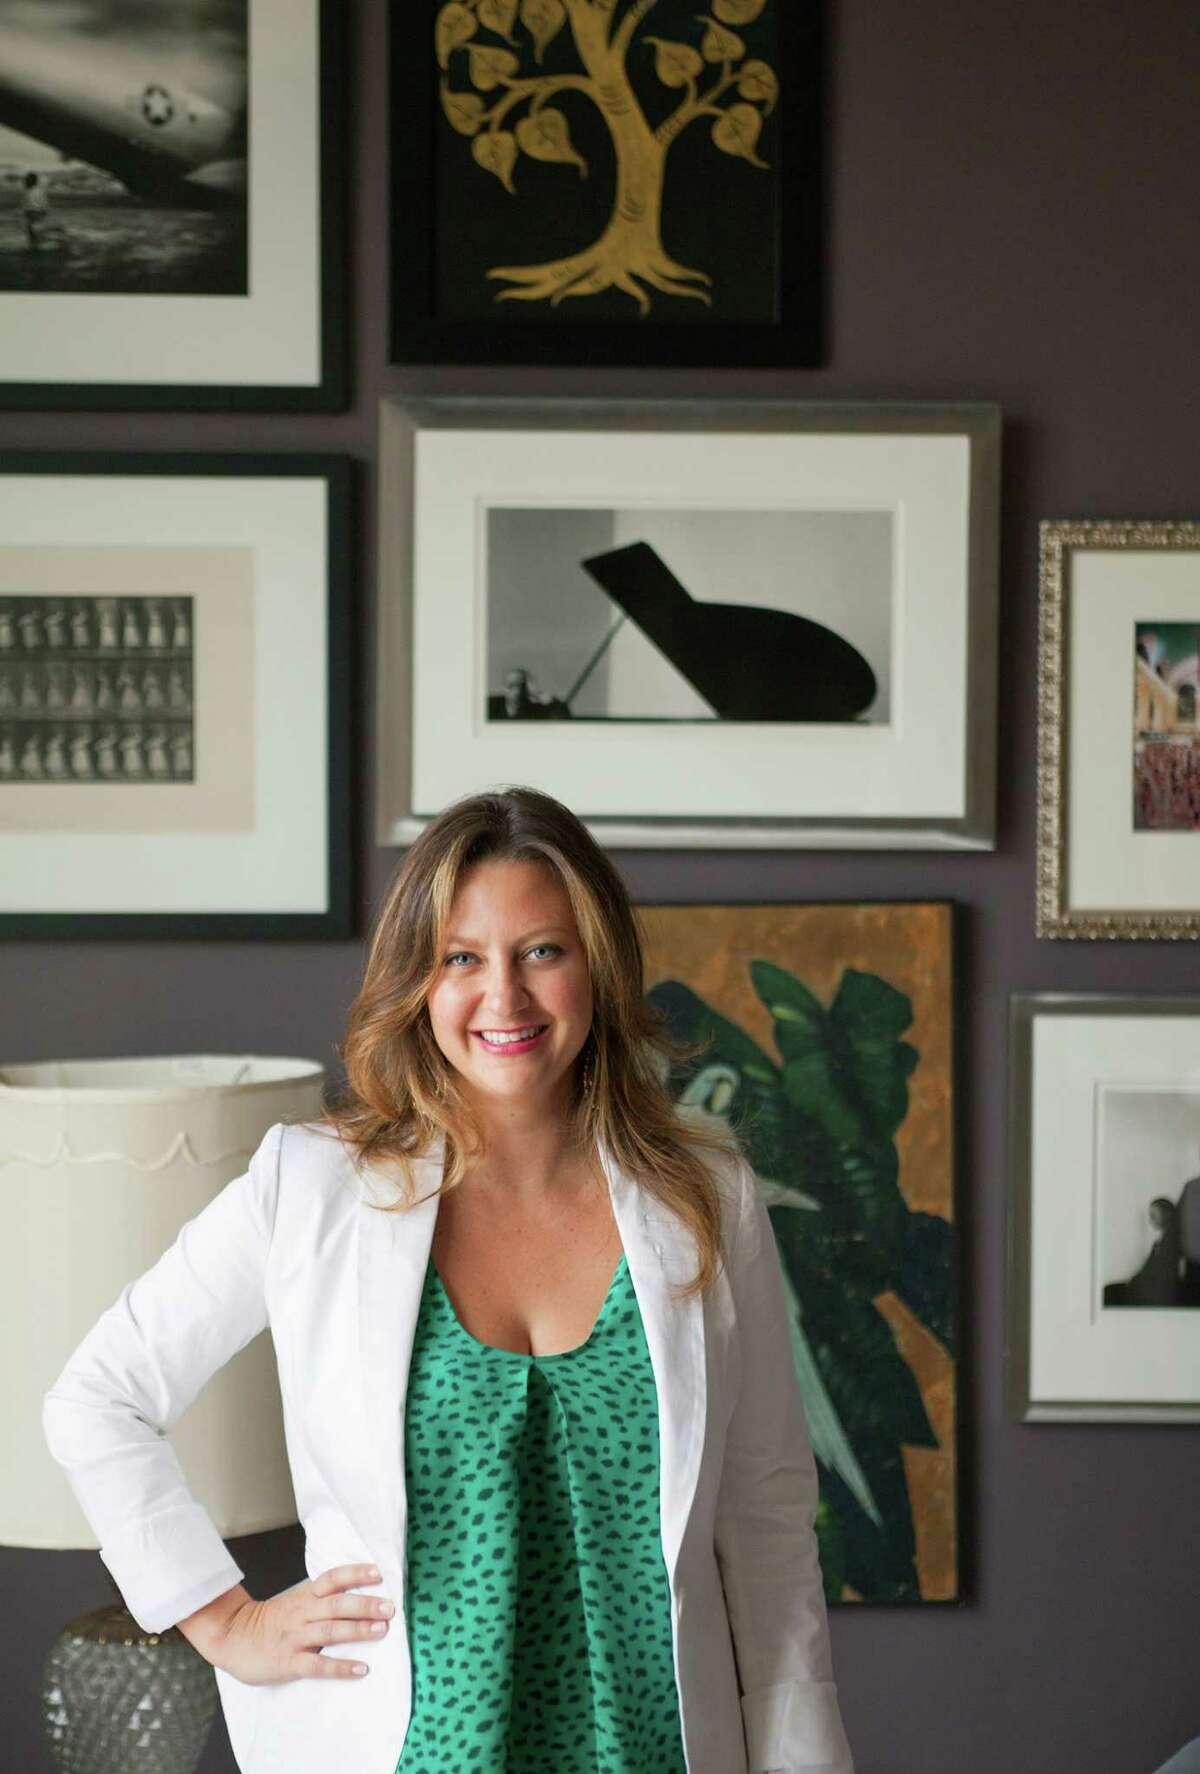 Julie Soefer